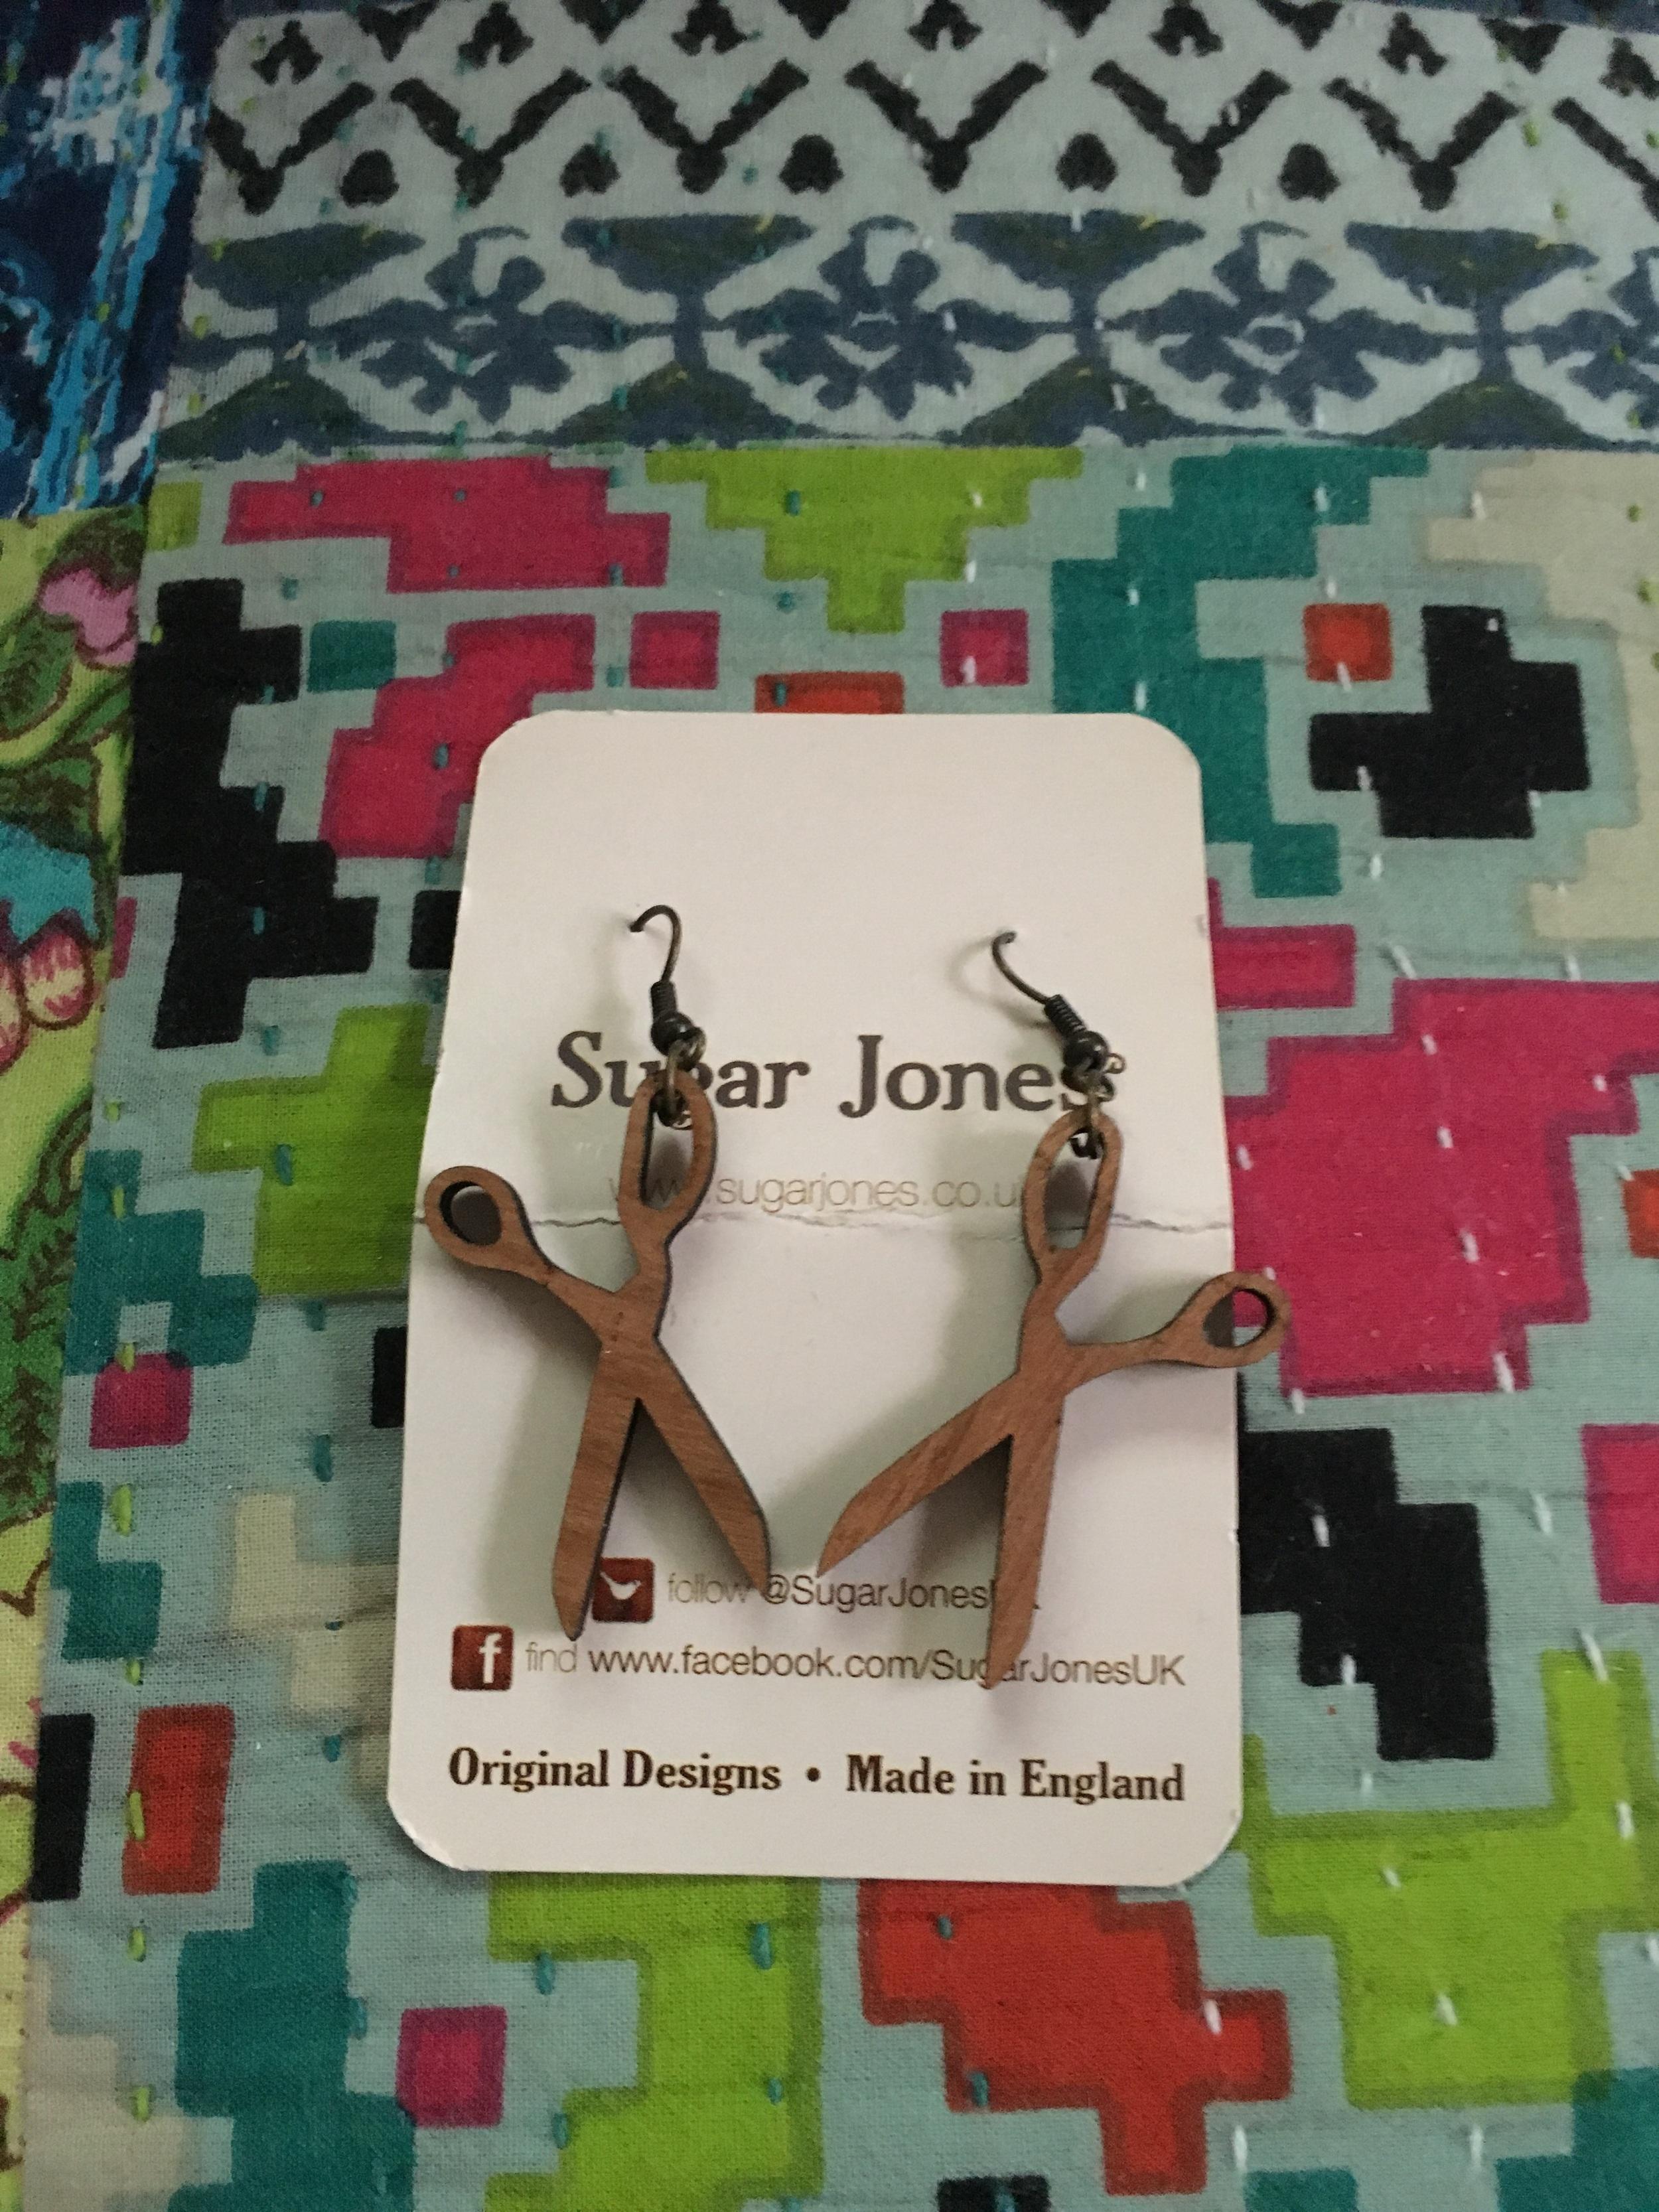 Day 18 & Scissors earrings from Sugar Jones